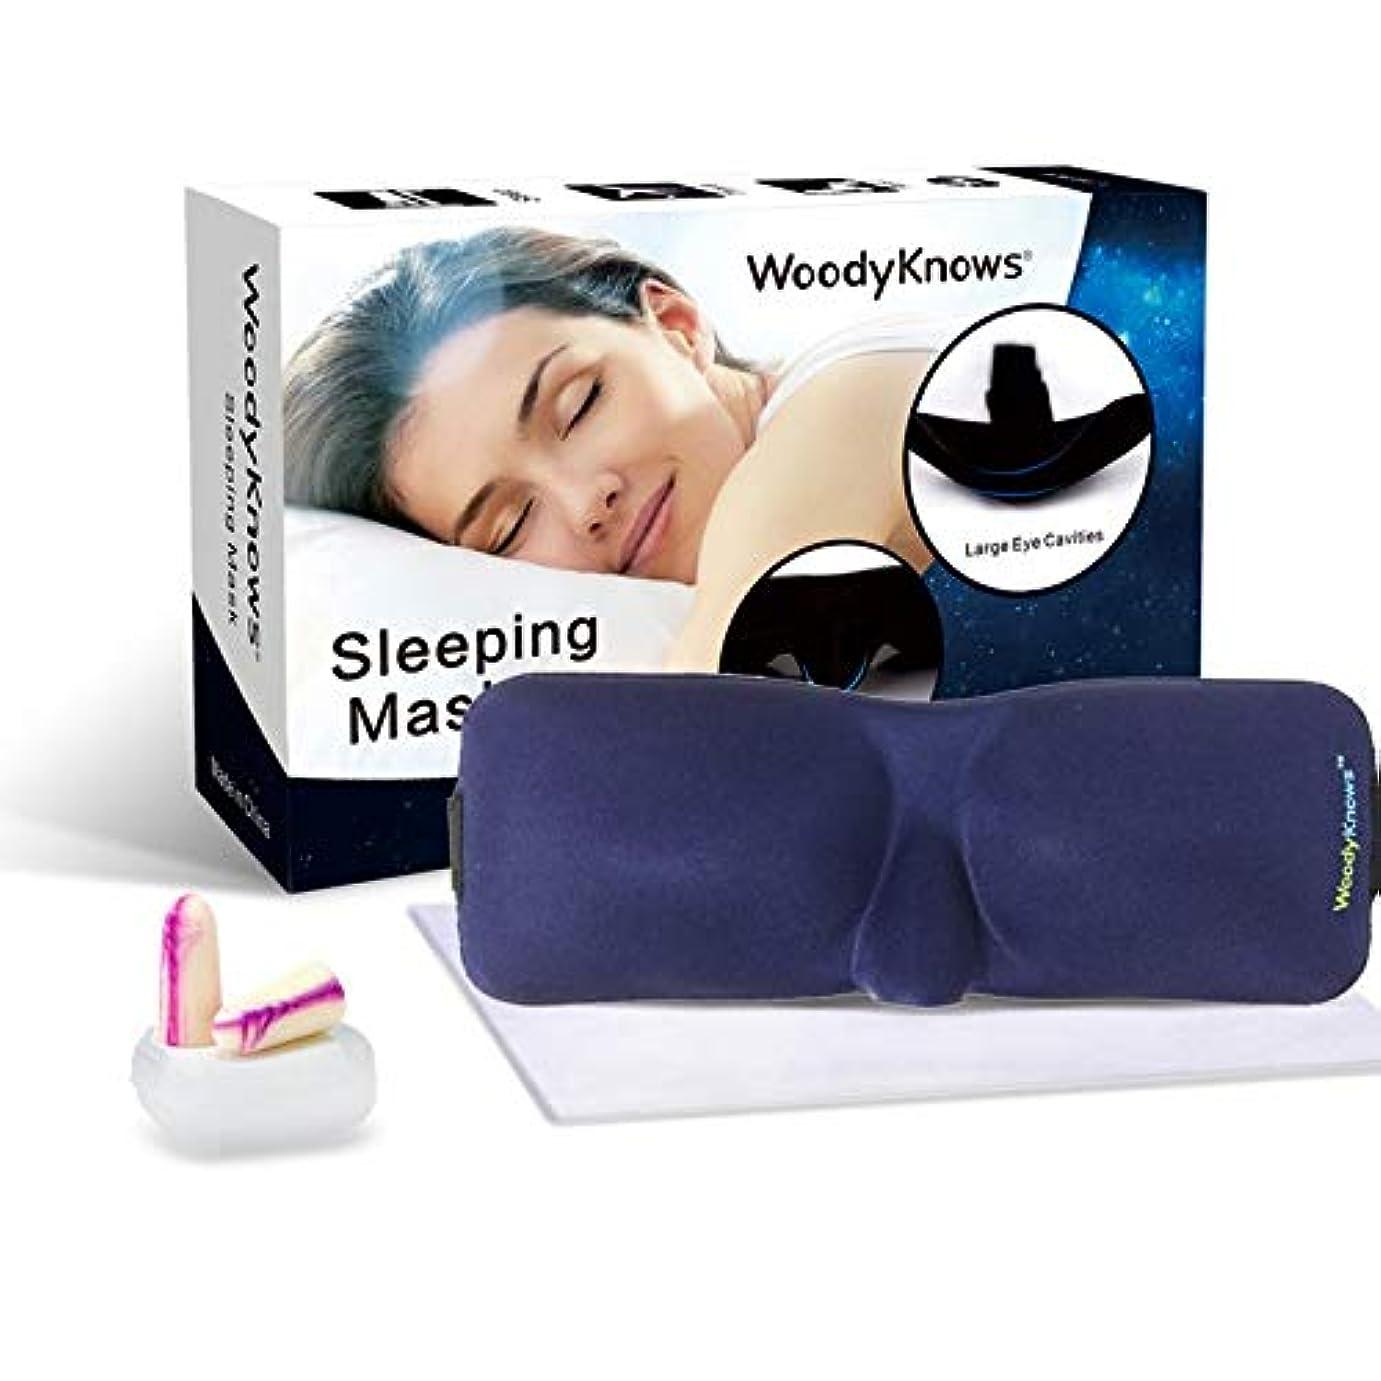 確認してください爵忘れっぽいNOTE 旅行のためのスーパーソフトアイマスク睡眠睡眠おやすみリラクサーアイカバーパッチケースアイシェードブラインド目隠しWoodyknows